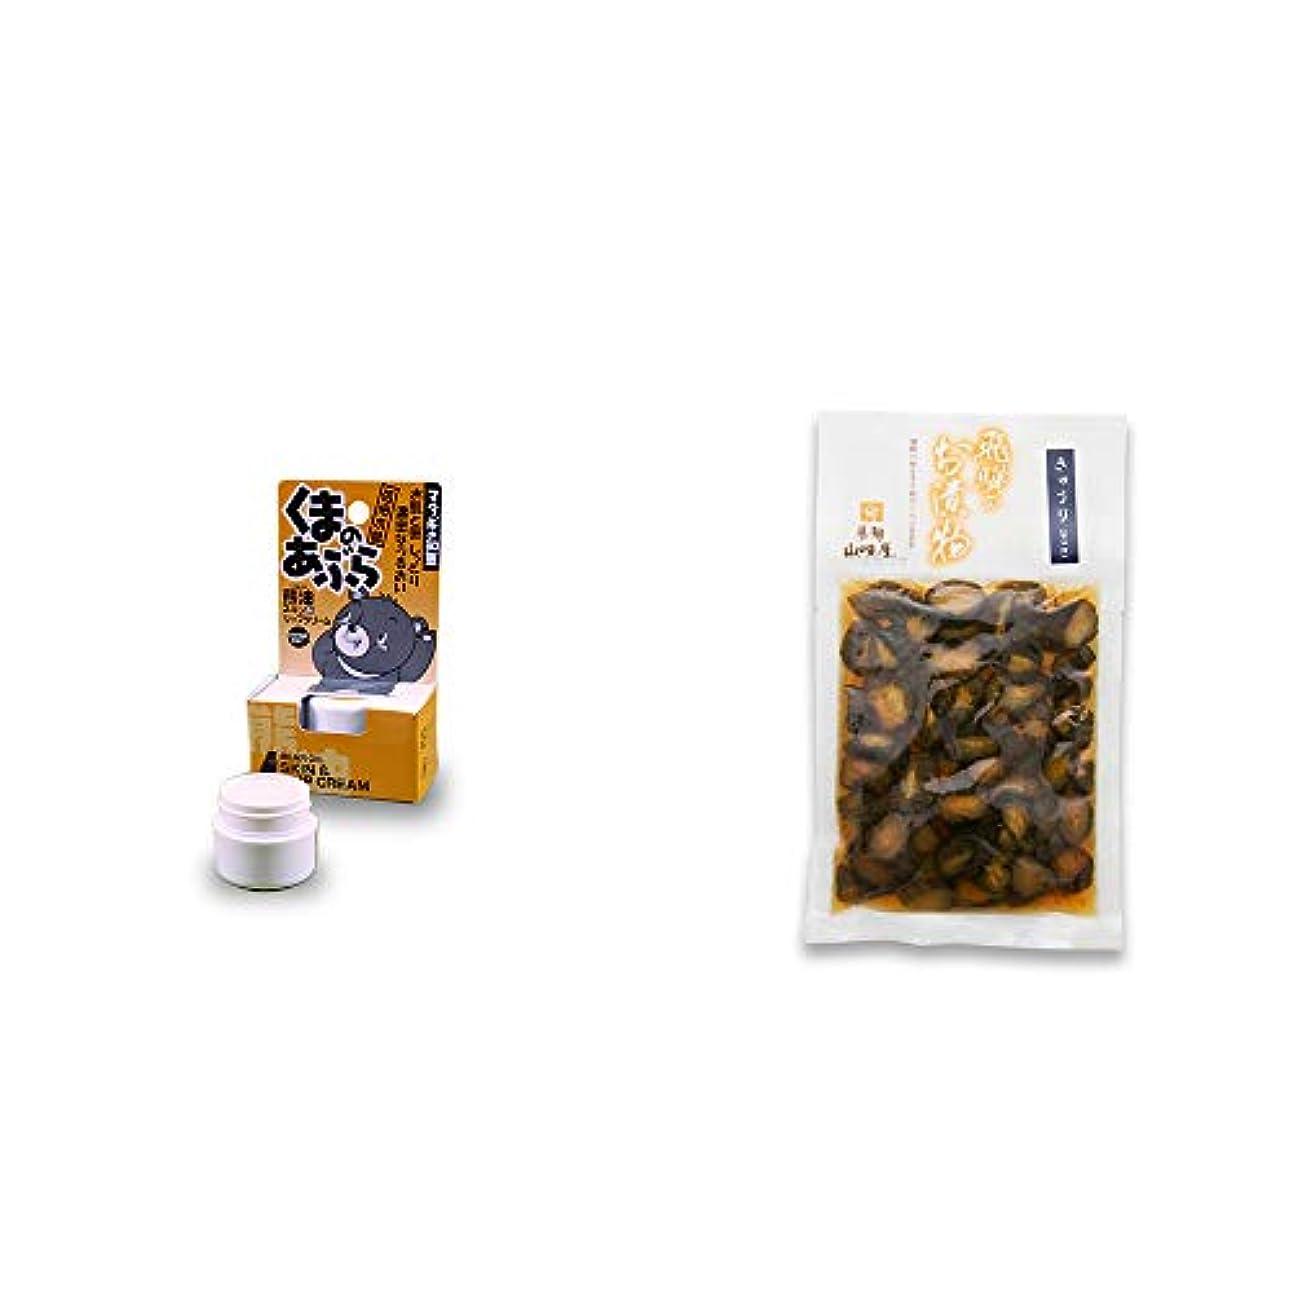 後継水族館兵器庫[2点セット] 信州木曽 くまのあぶら 熊油スキン&リップクリーム(9g)?飛騨山味屋 きゅうり醤油漬(150g)